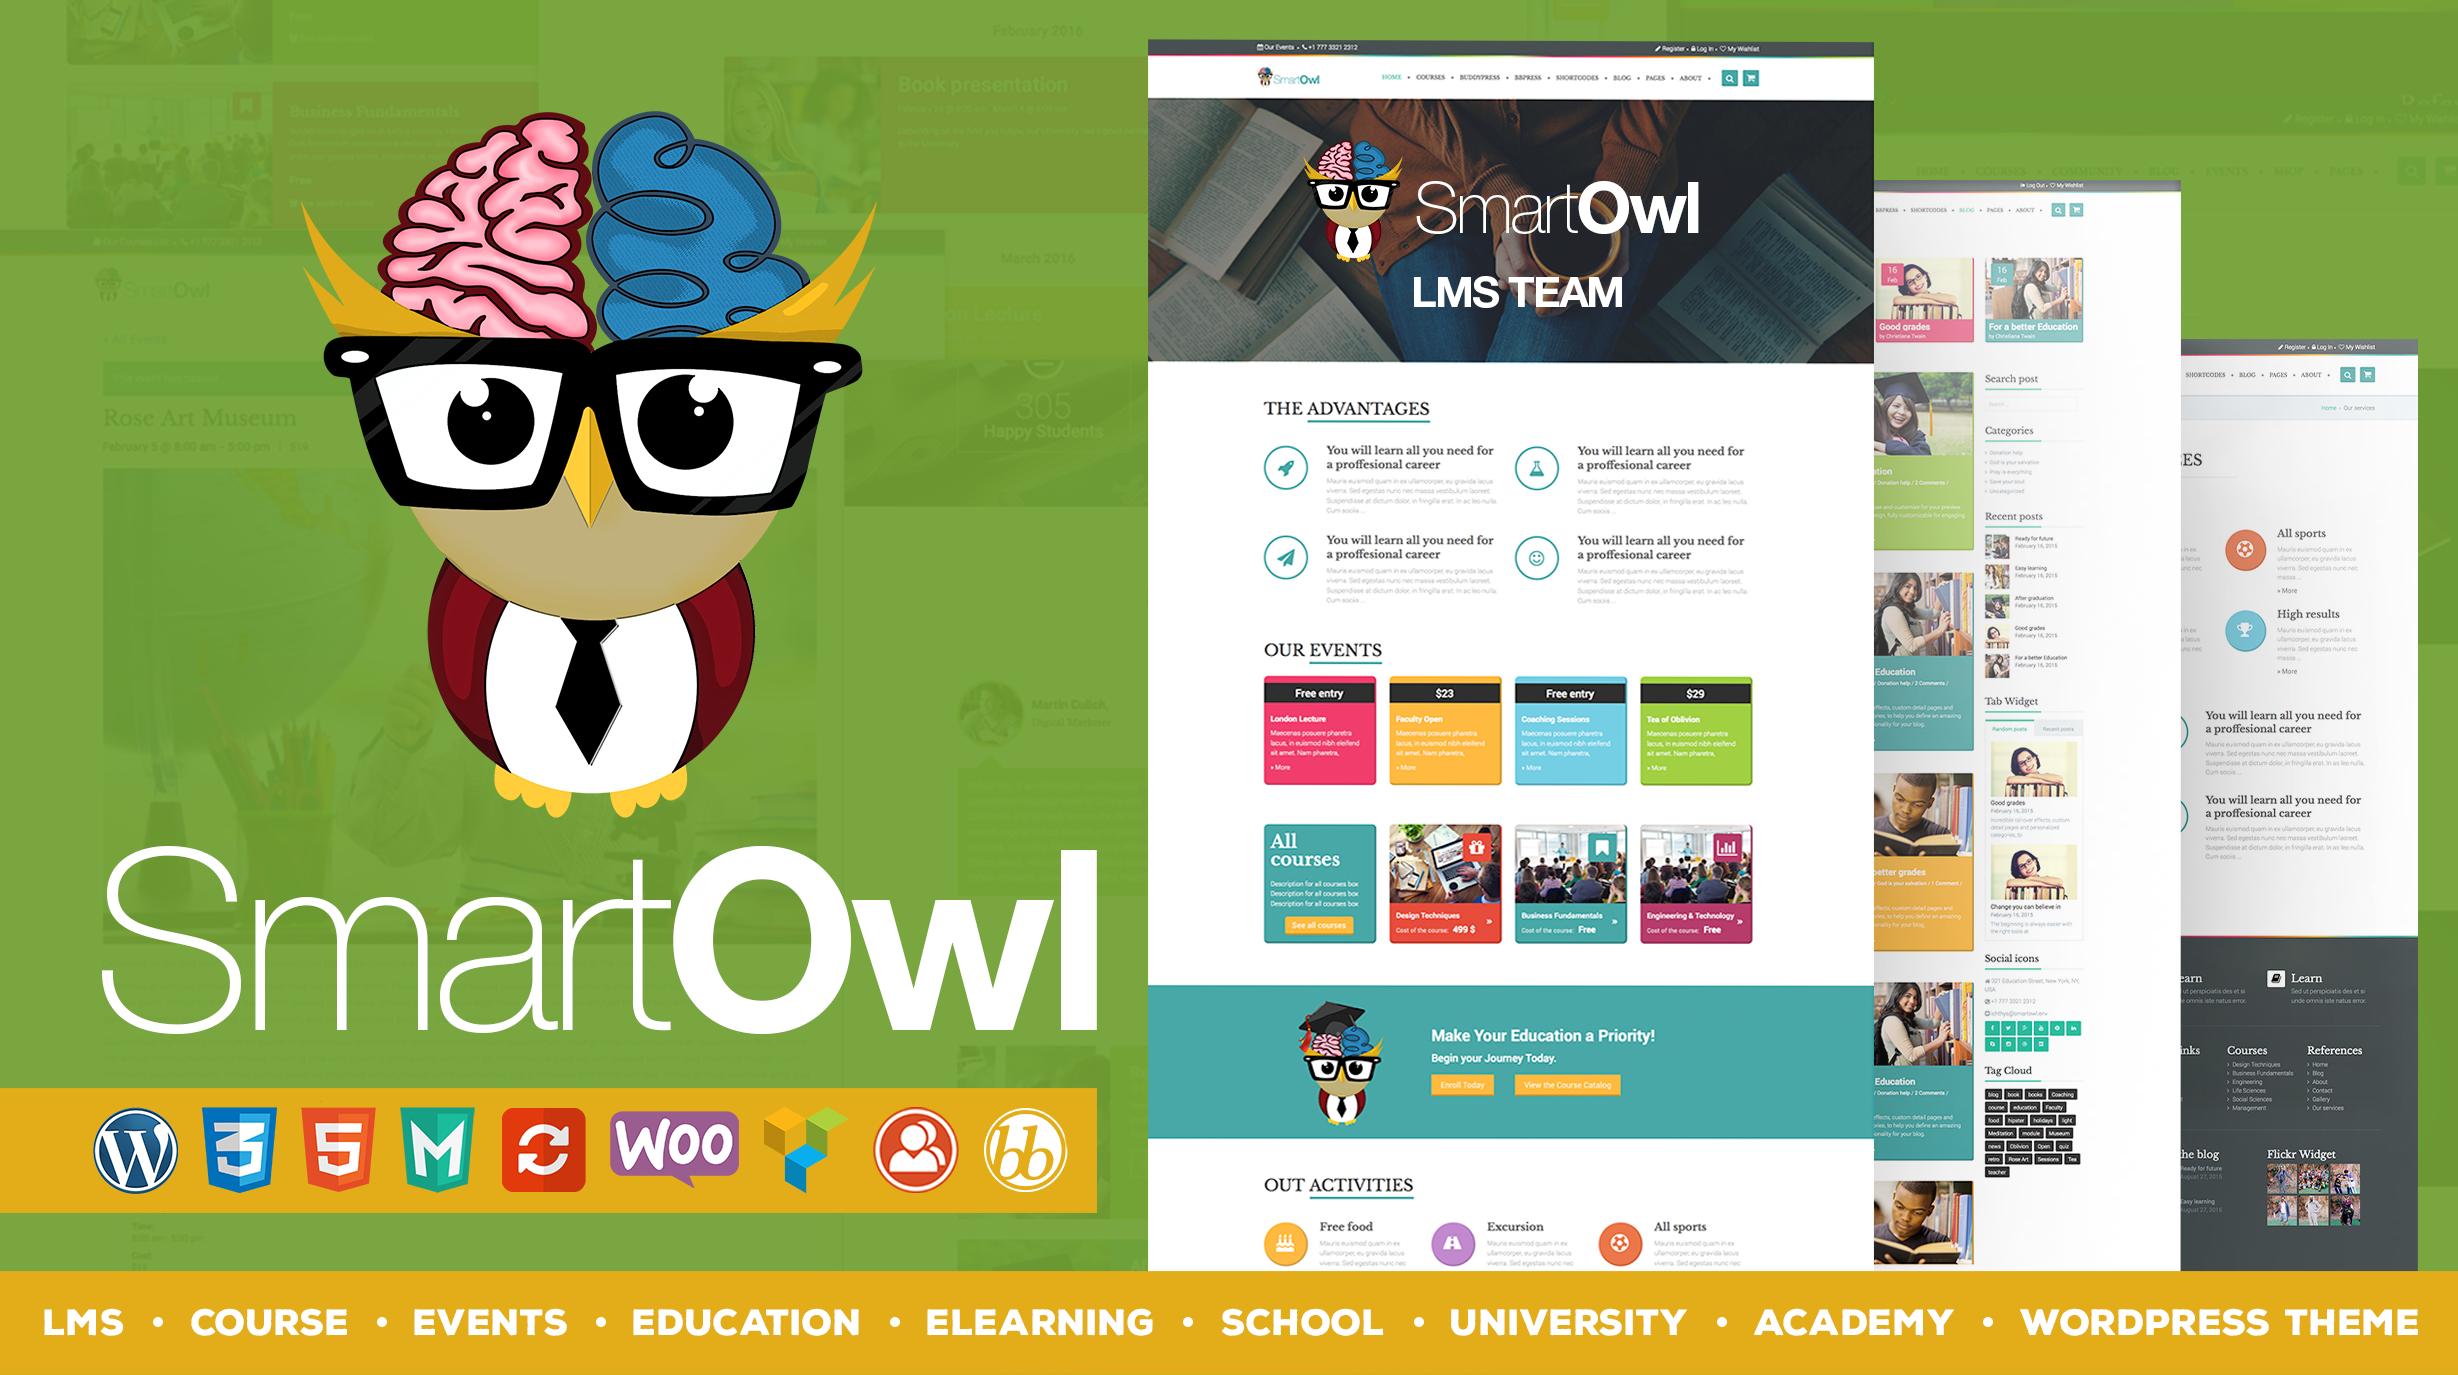 WordPress премиум качества для школ, университетов, курсов, систем онлайн-обучения и других образовательных учреждений